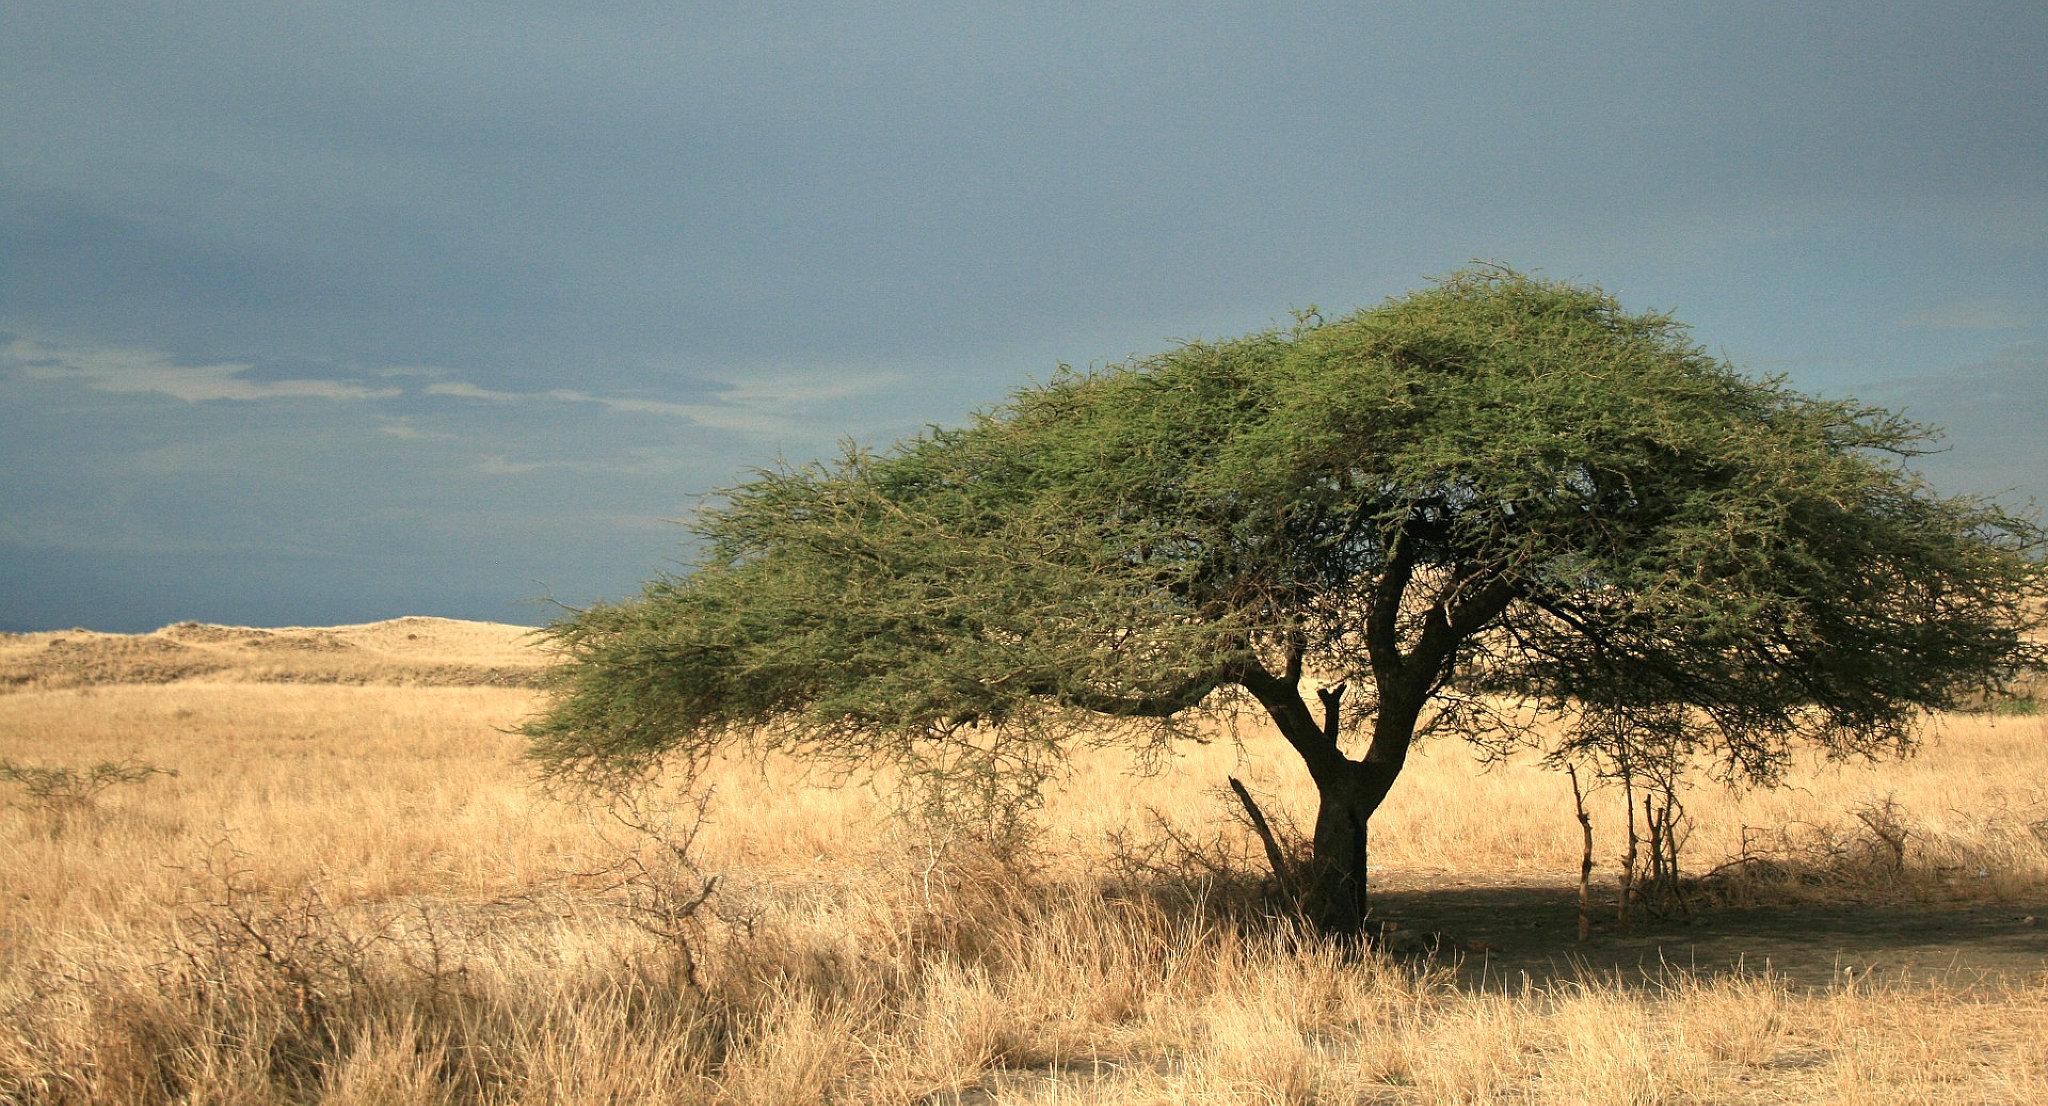 Una pianta di acacia ad ombrello nella savana